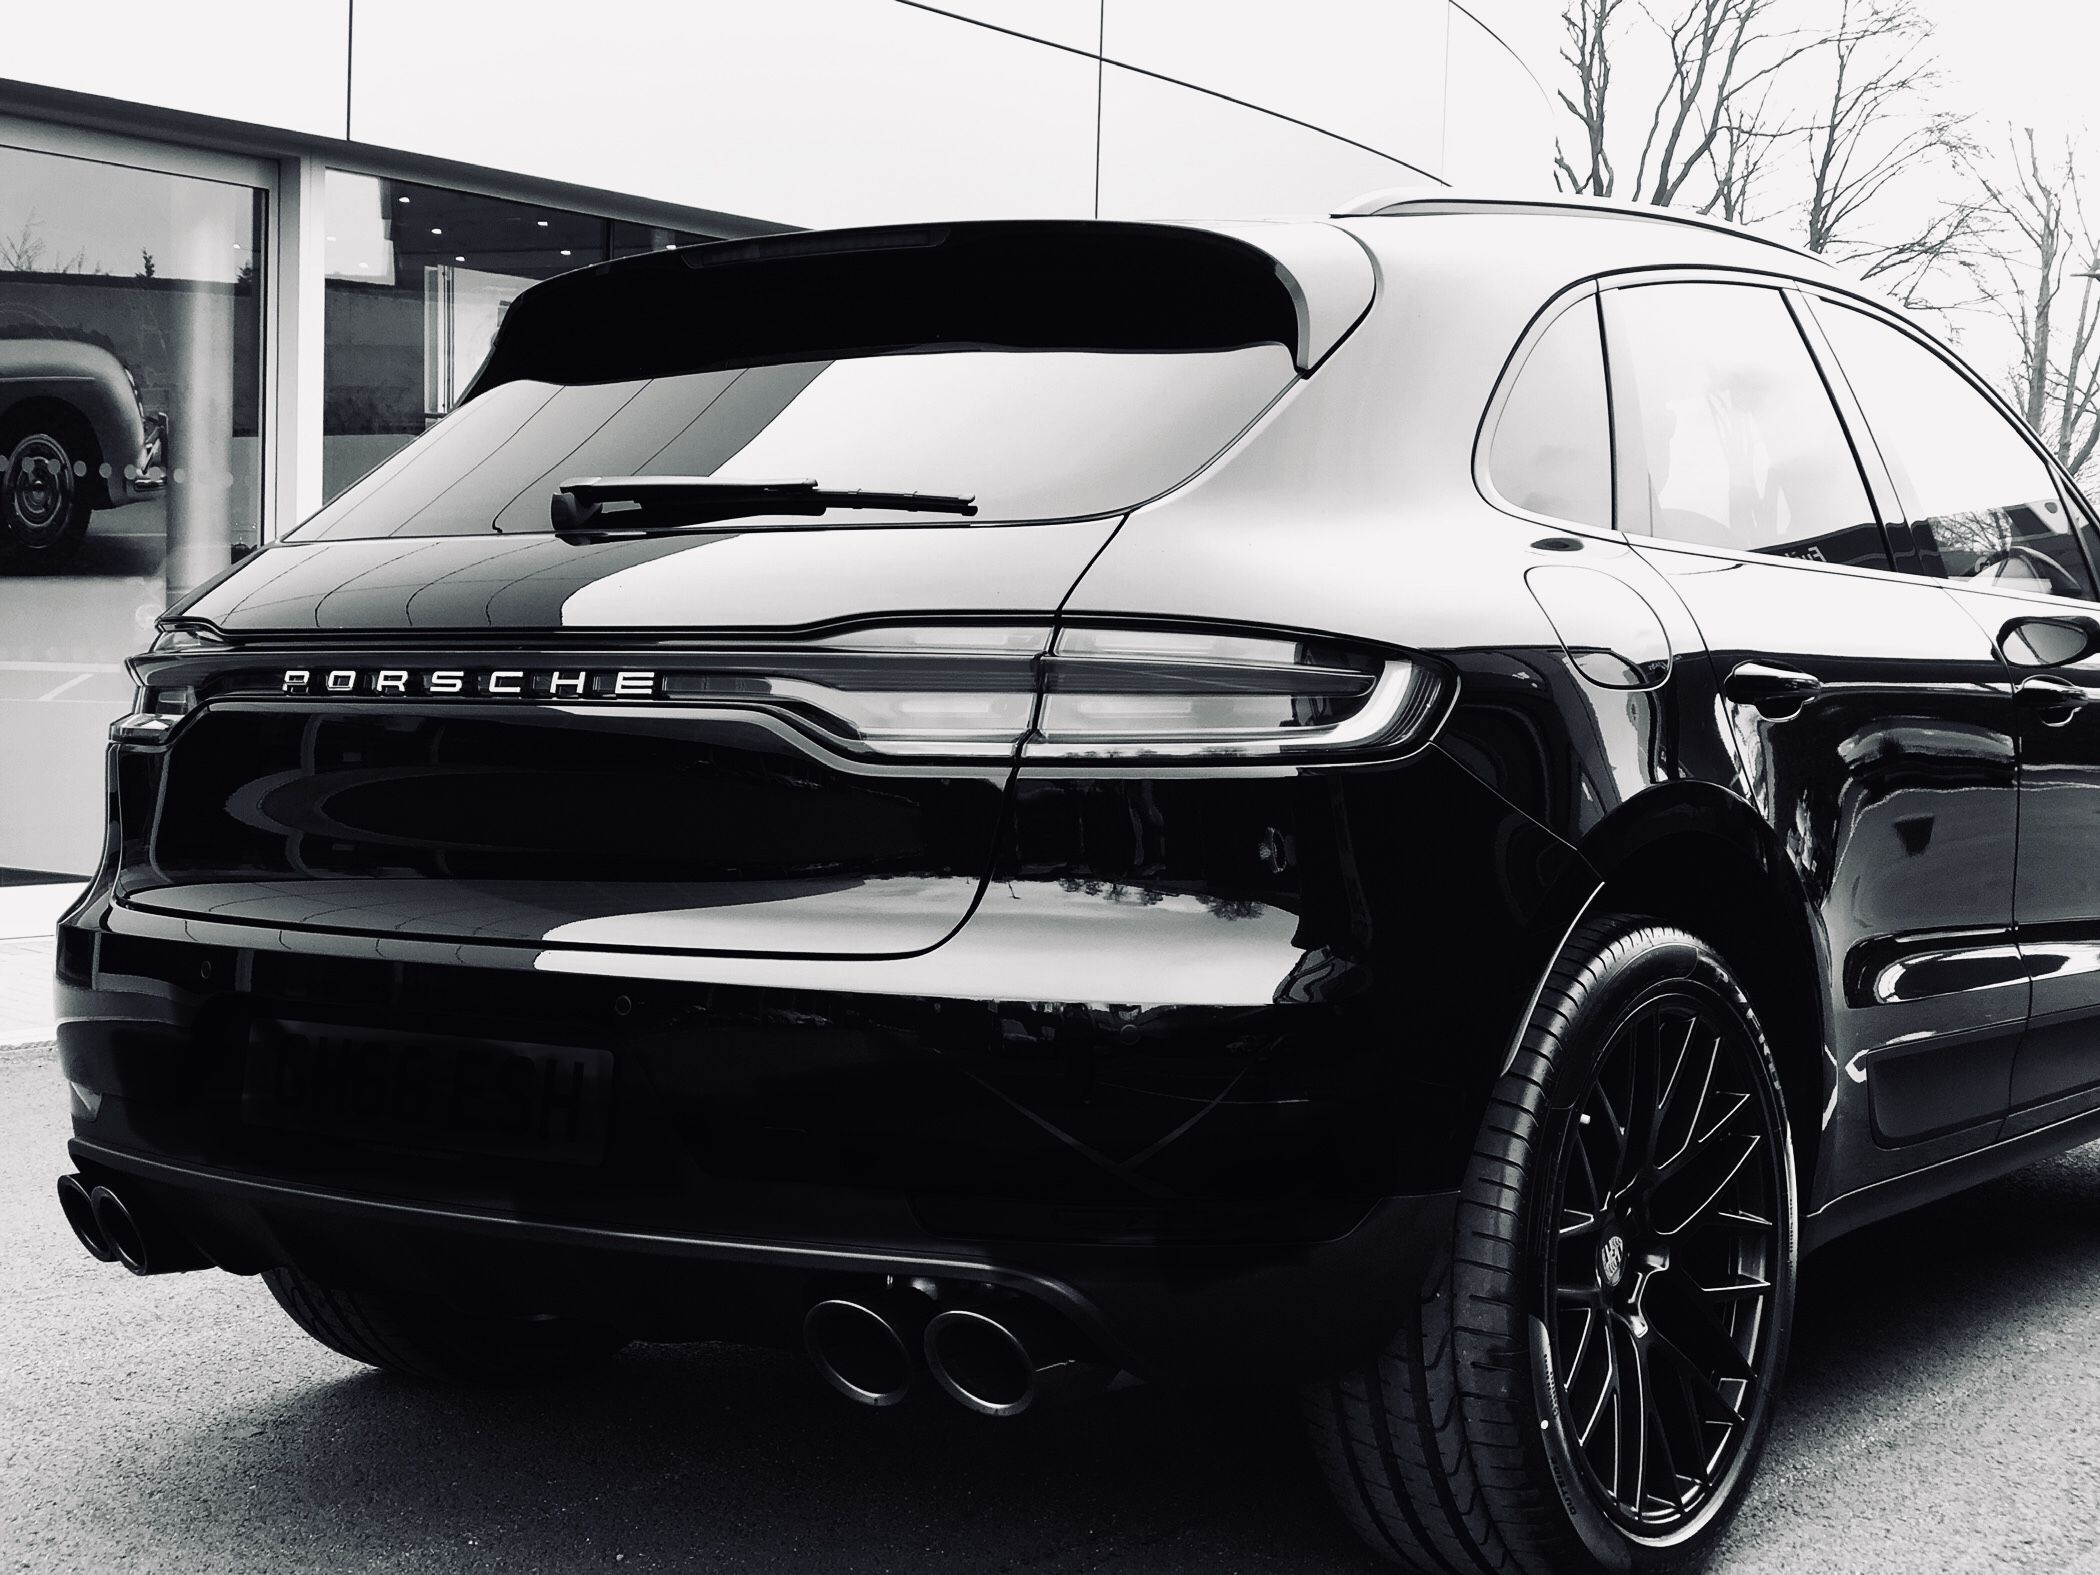 Idea by Matt Johnson on Rides Black porsche, Porsche